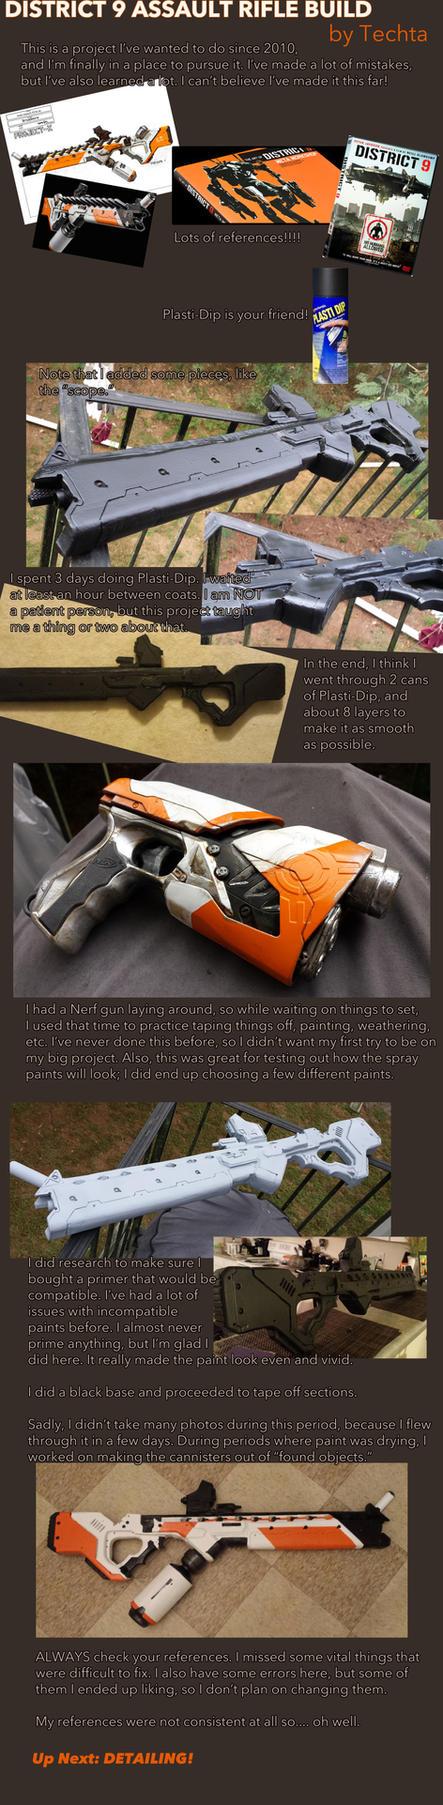 Assault Rifle Prop Replica Pt 4 by Techta